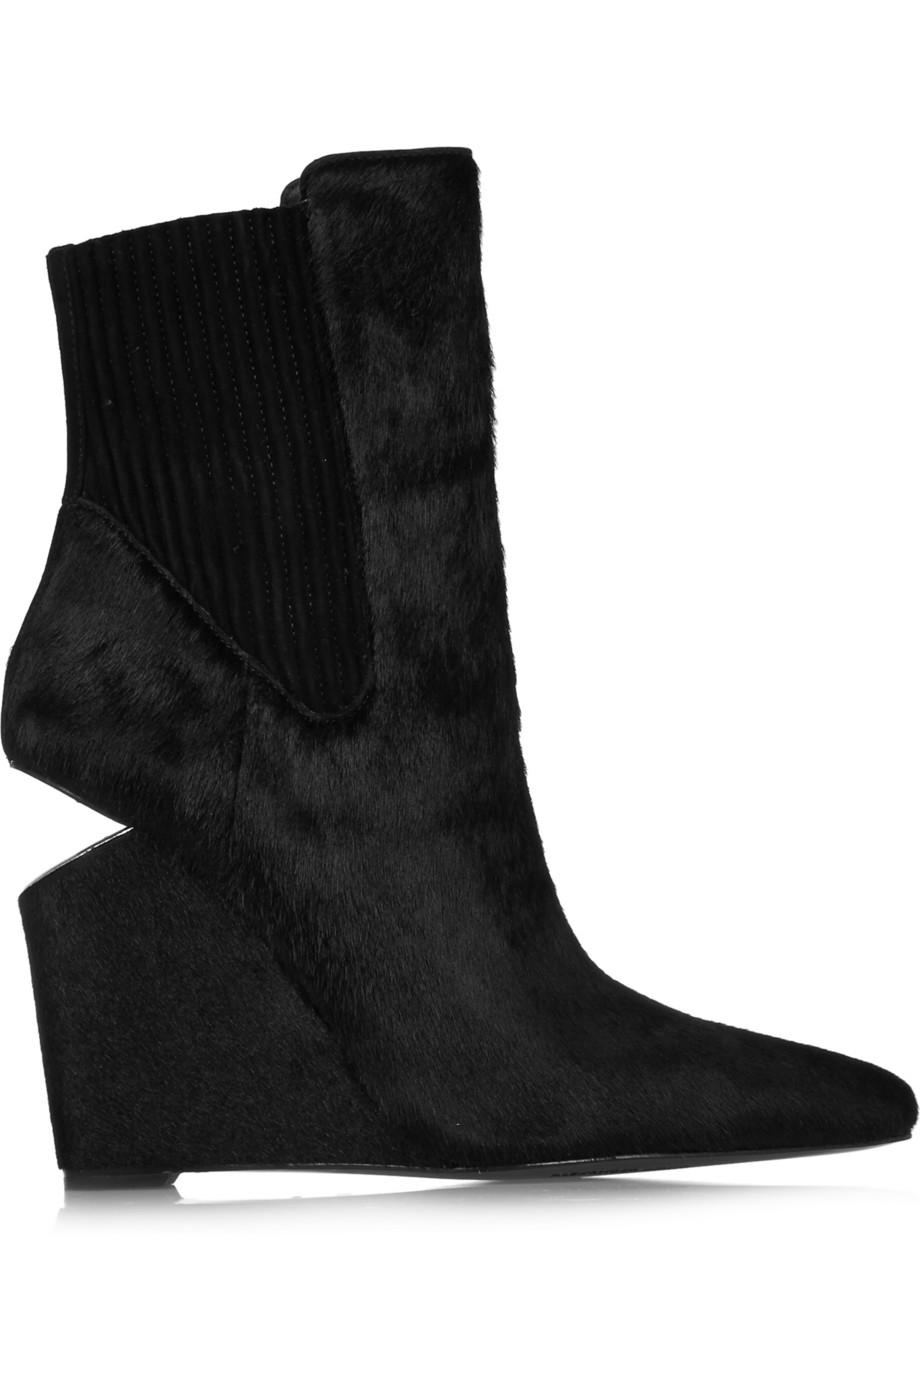 Alexander Wang Andie Calf Hair Wedge Boots $380